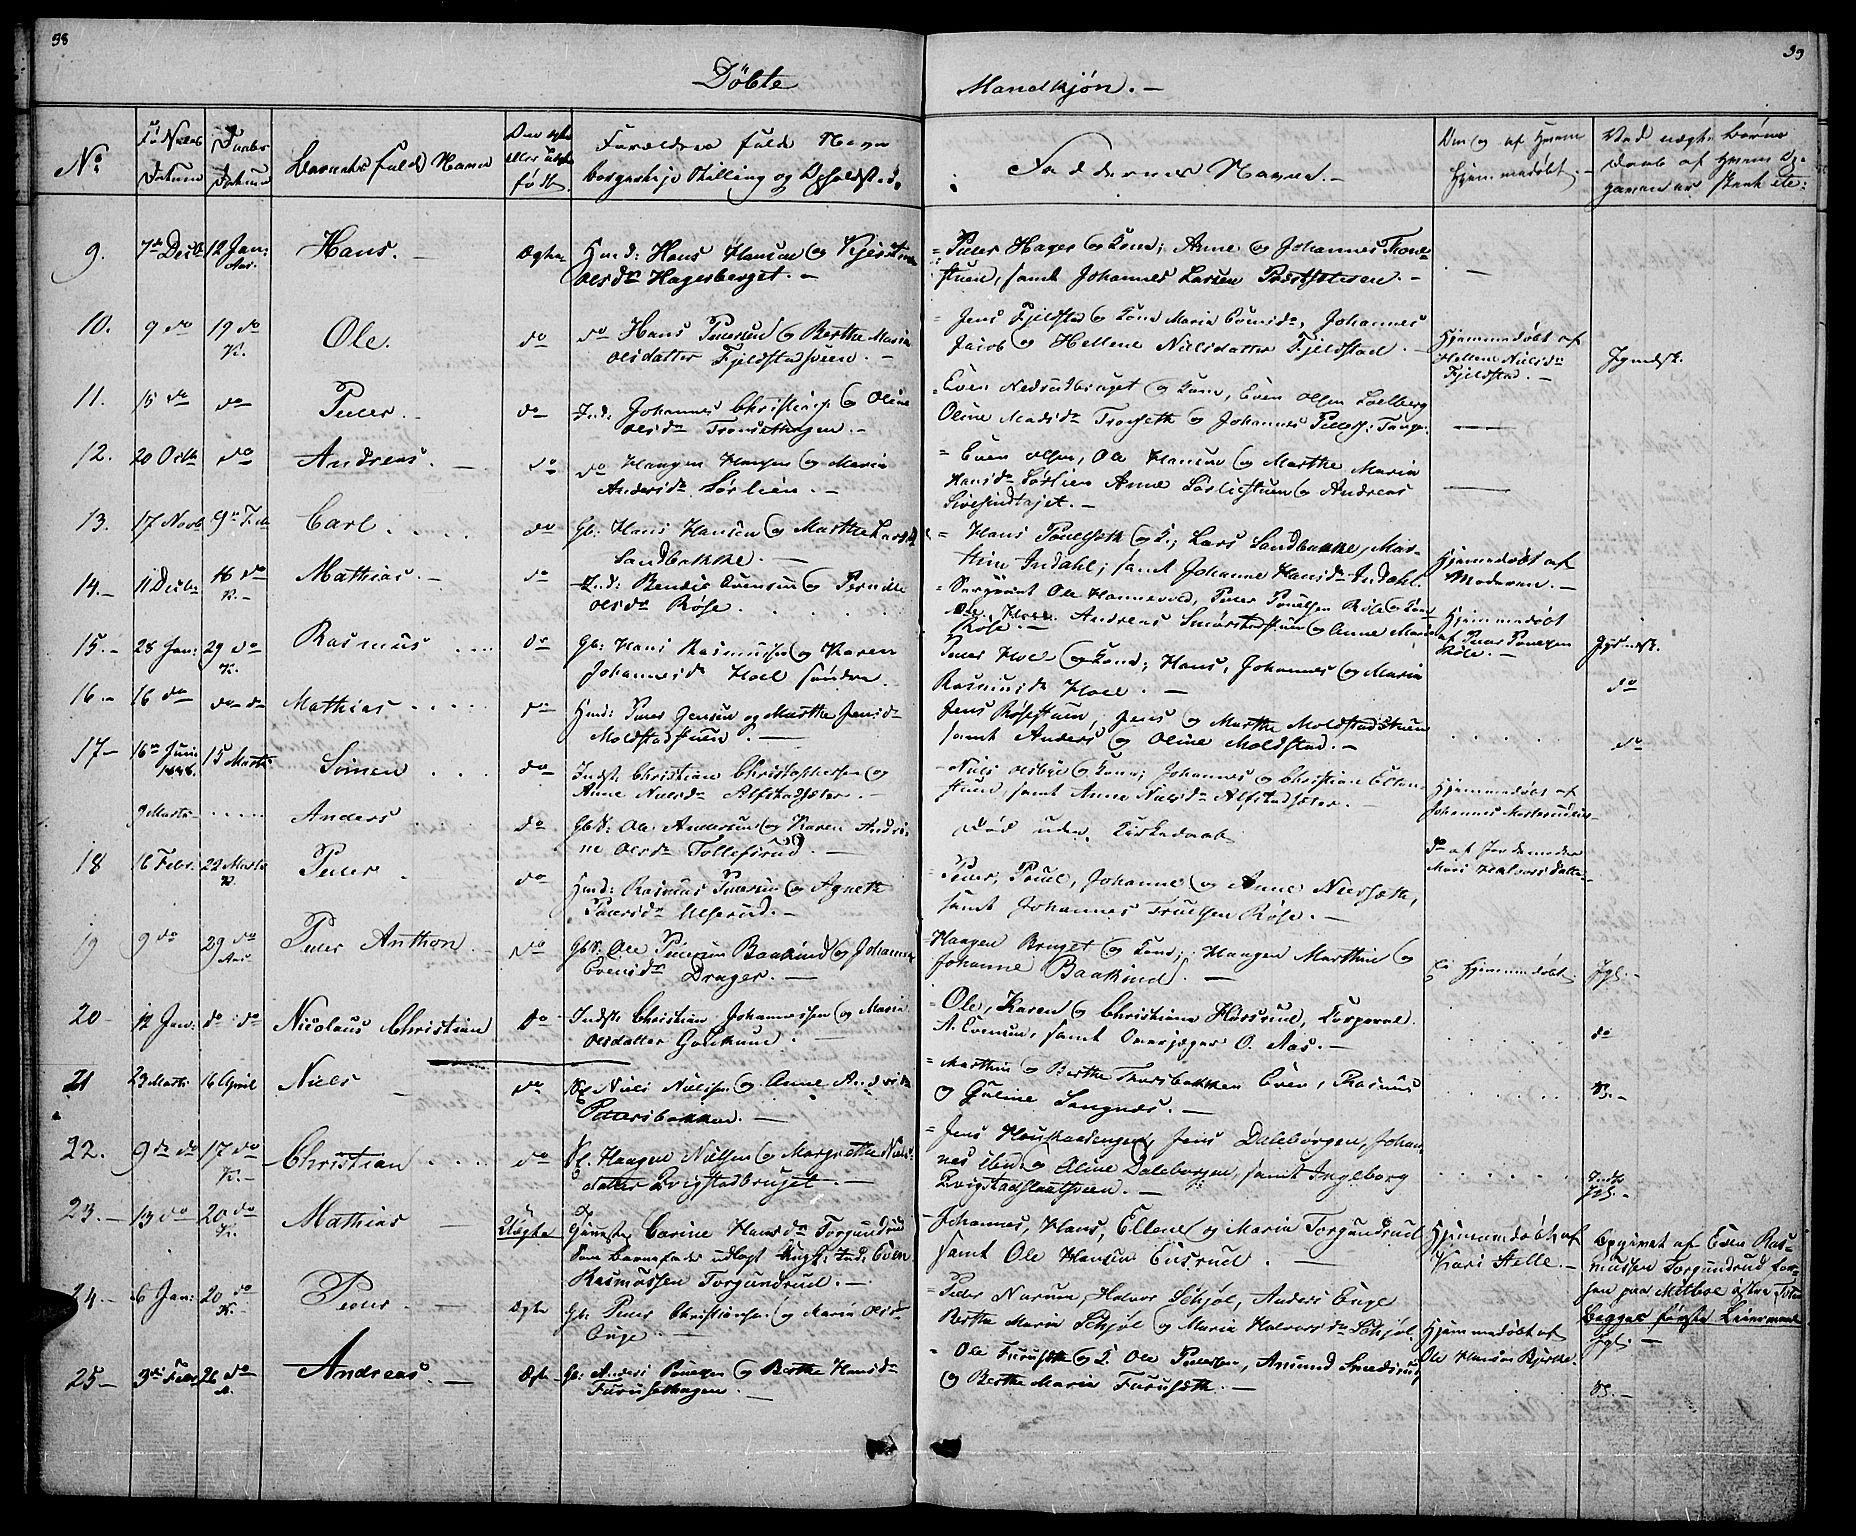 SAH, Vestre Toten prestekontor, Klokkerbok nr. 2, 1836-1848, s. 38-39